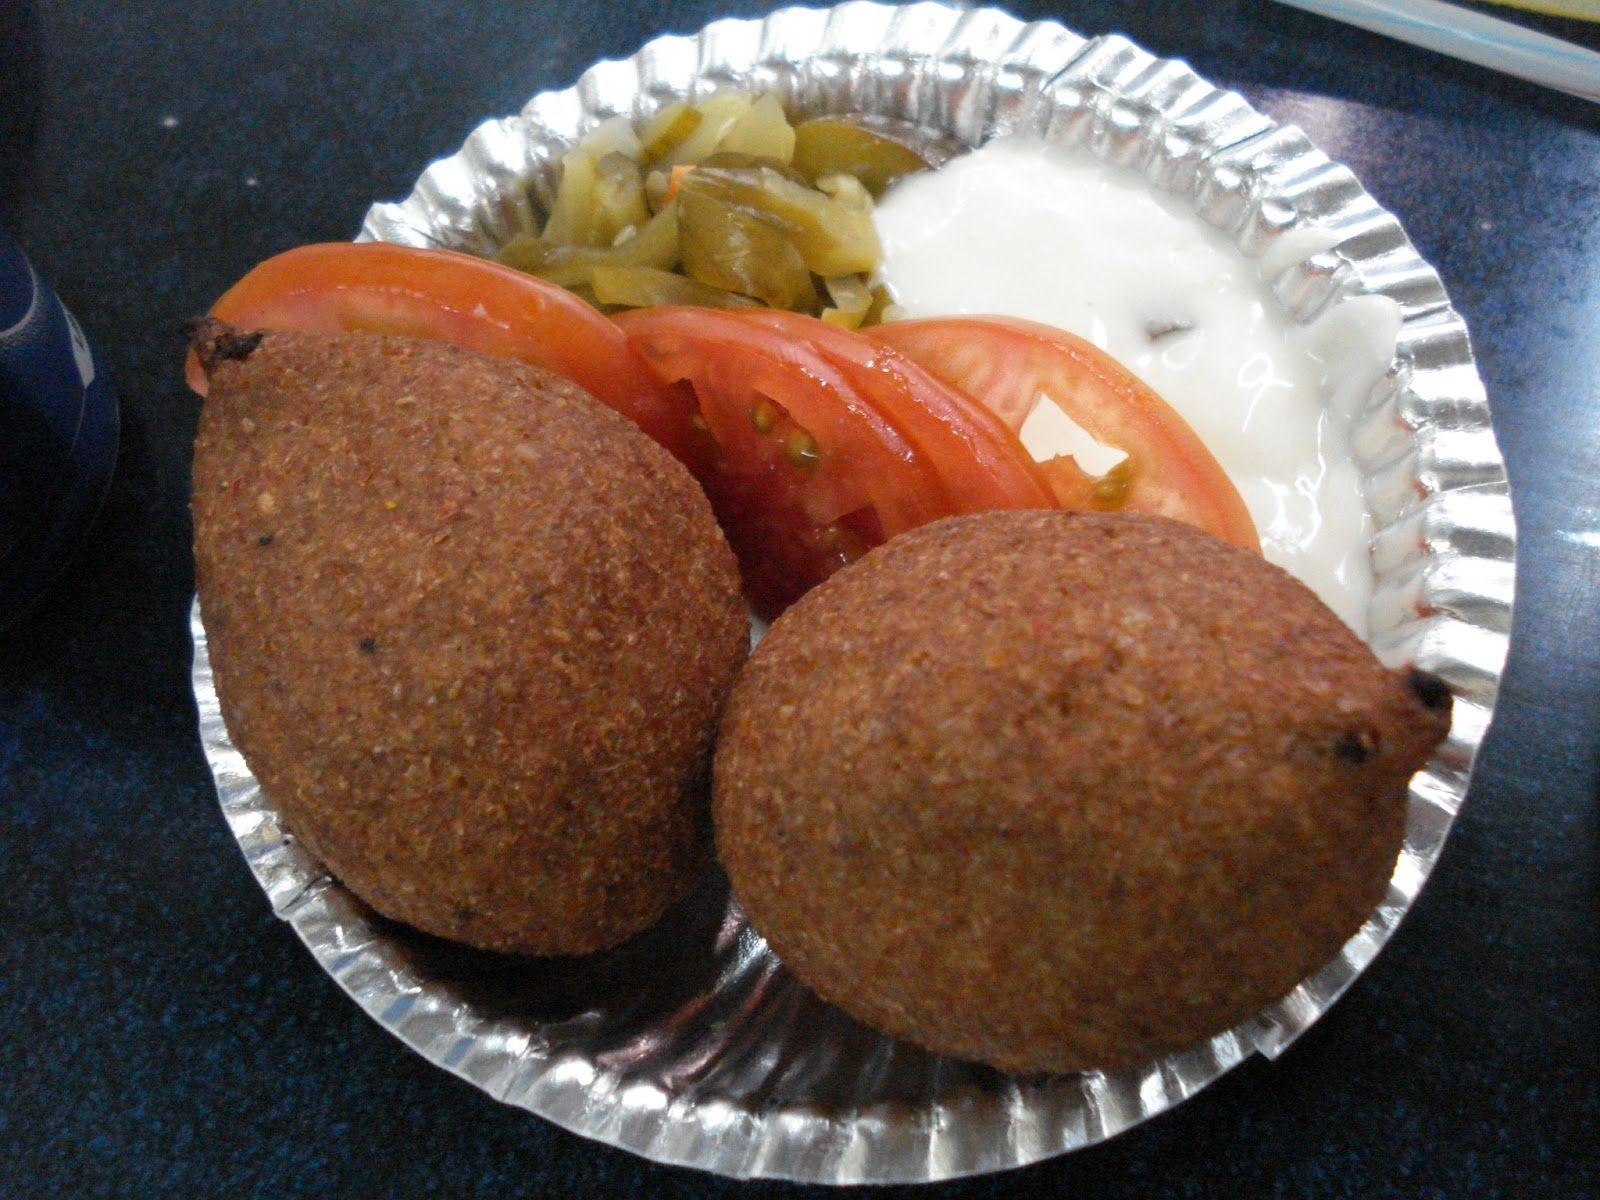 الكبة الشاميه السوريه المميزه Koba مجلة البيت اللبناني Food Cuisine Arabic Food